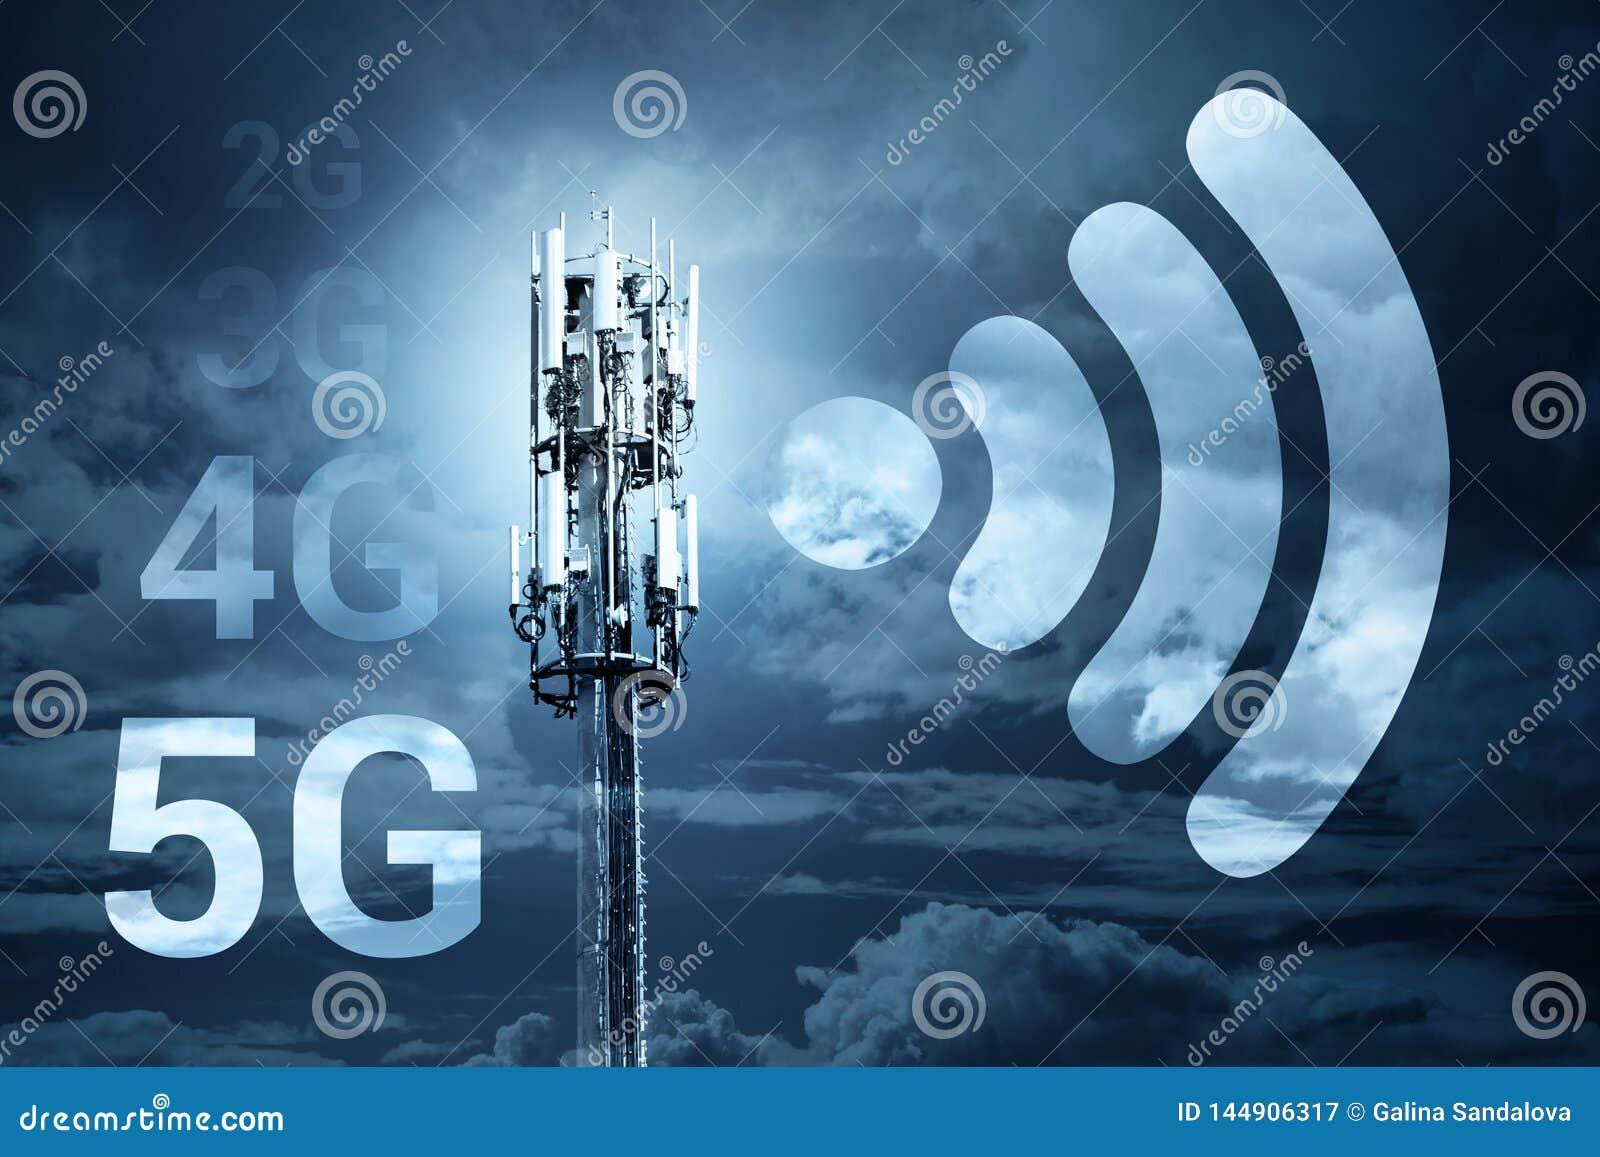 Concepto móvil de la tecnología de la comunicación inalámbrica de la conexión a internet de la velocidad rápida 5G